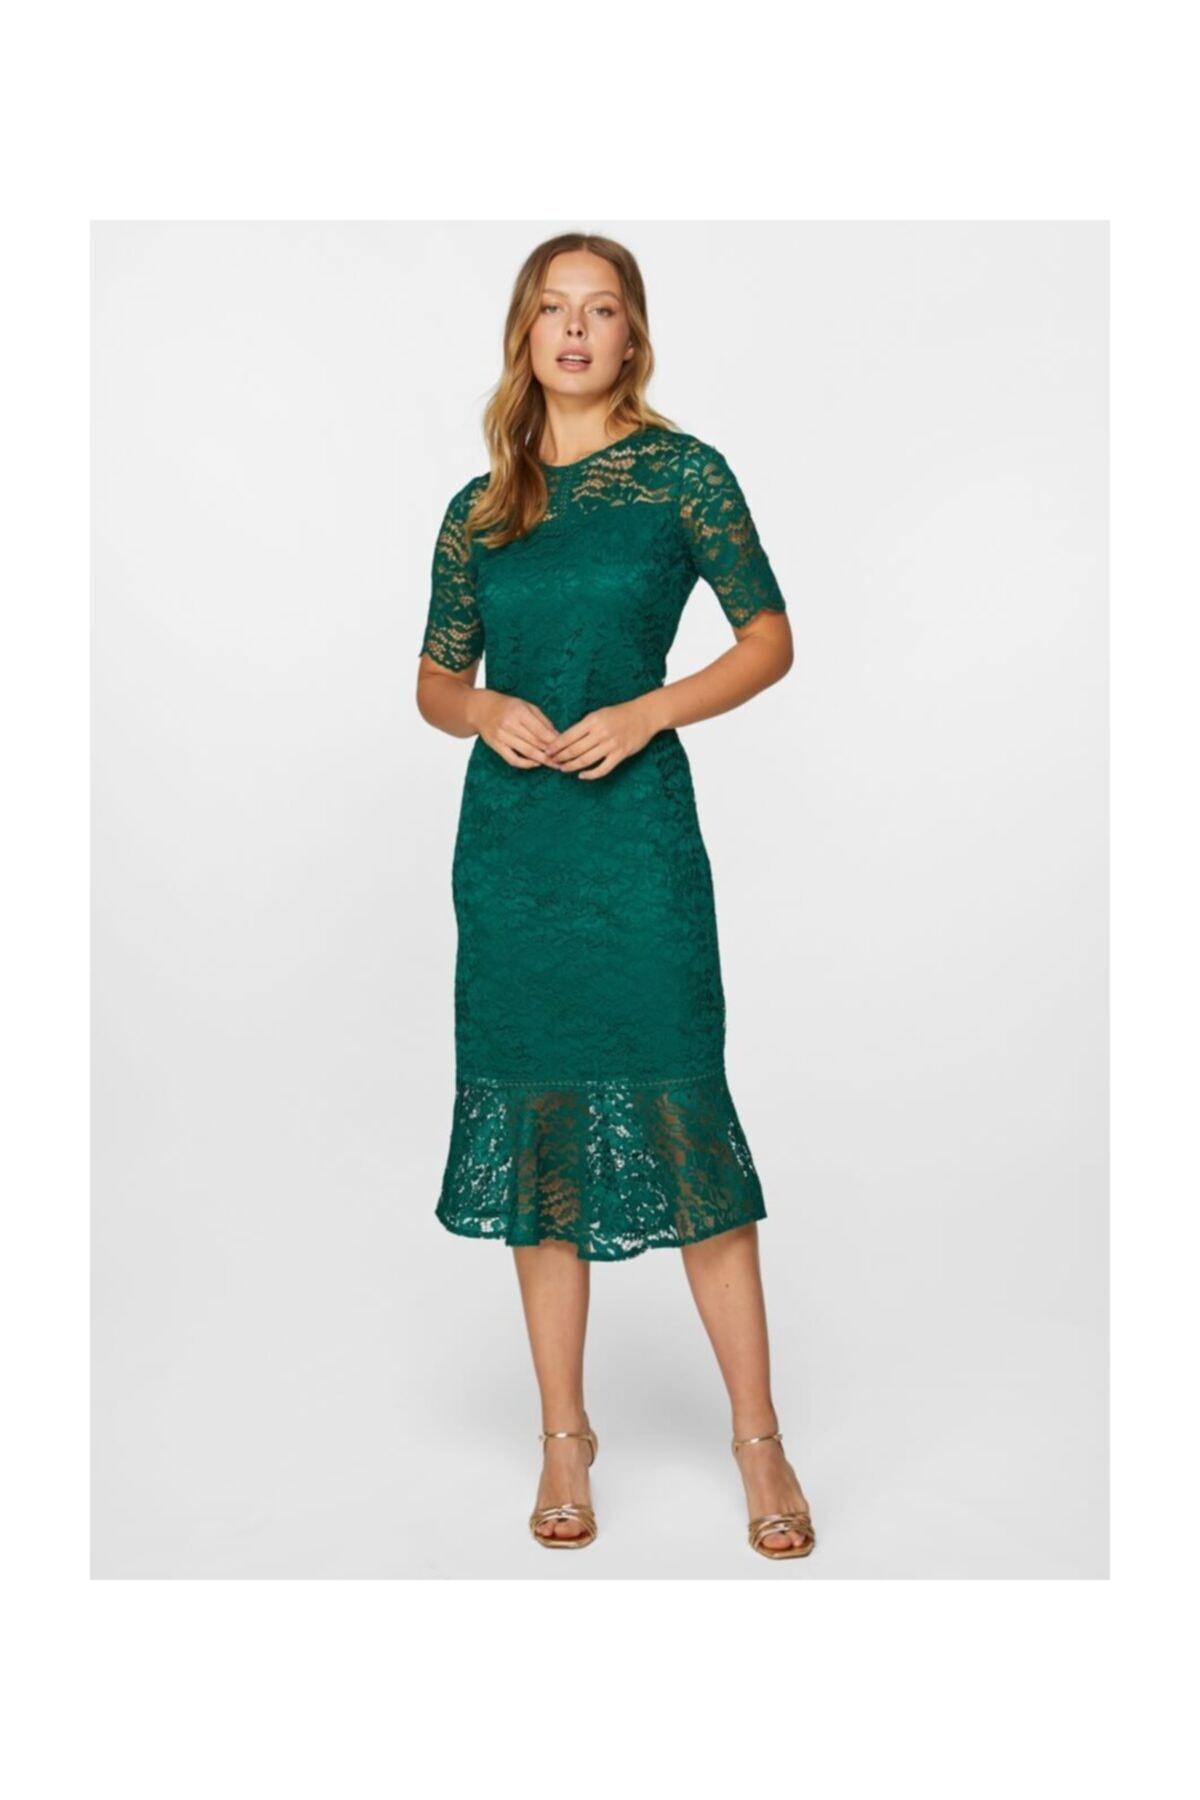 Faik Sönmez Kadın Zümrüt Dantel Abiye Elbise 60108 U60108 2